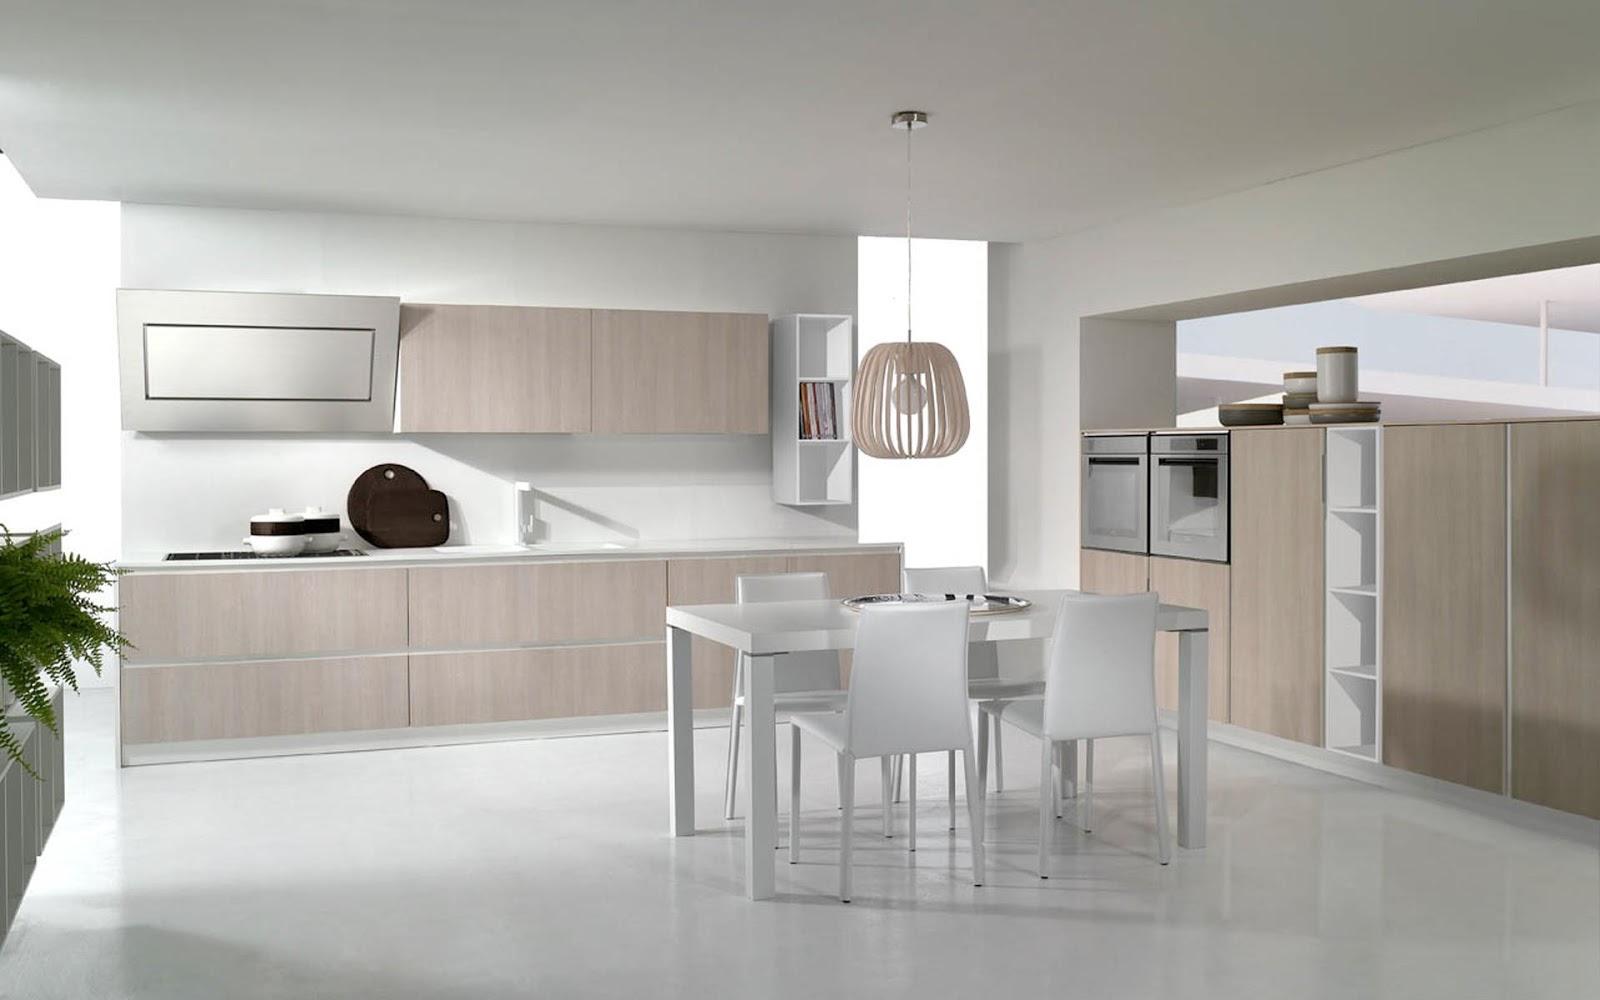 Arredamento Casa Moderno arredare casa in stile moderno: idee innovative e creative